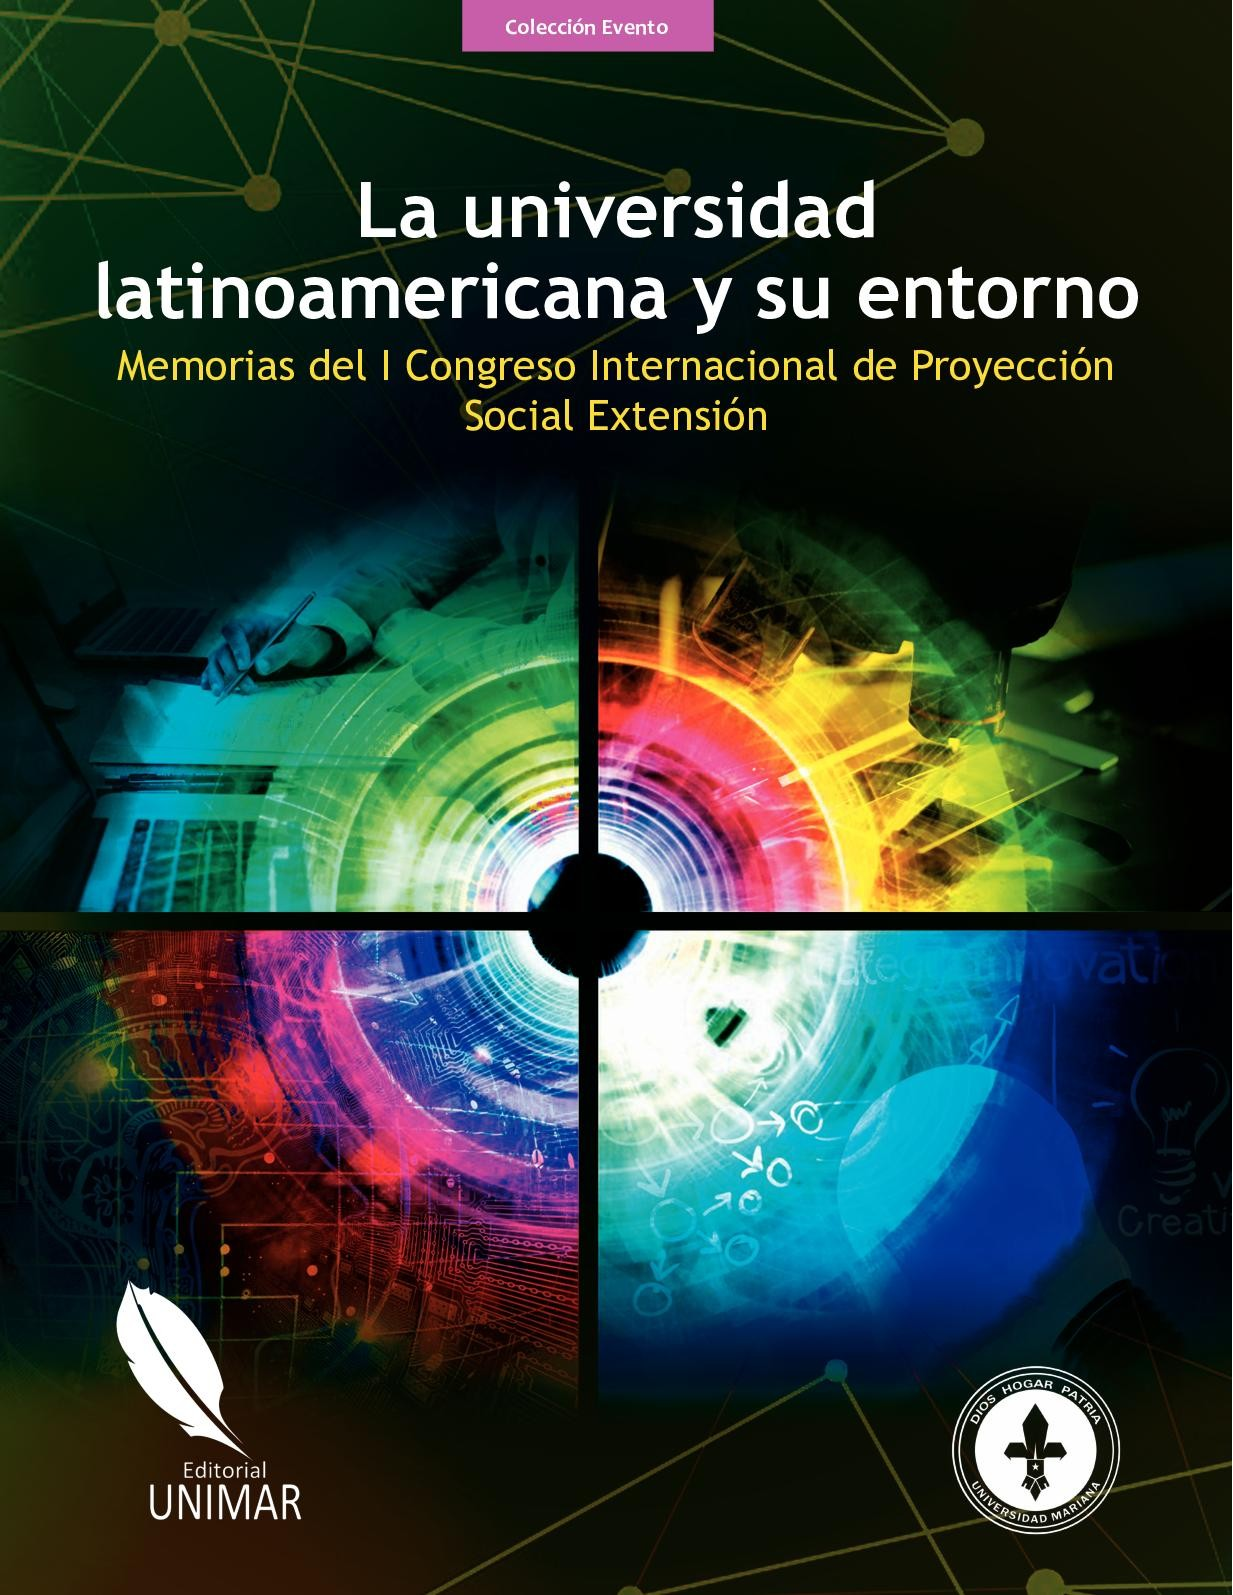 Calendario 2019 Semana Santa Guatemala Más Recientemente Liberado Calaméo La Universidad Latinoamericana Y Su Entorno Final